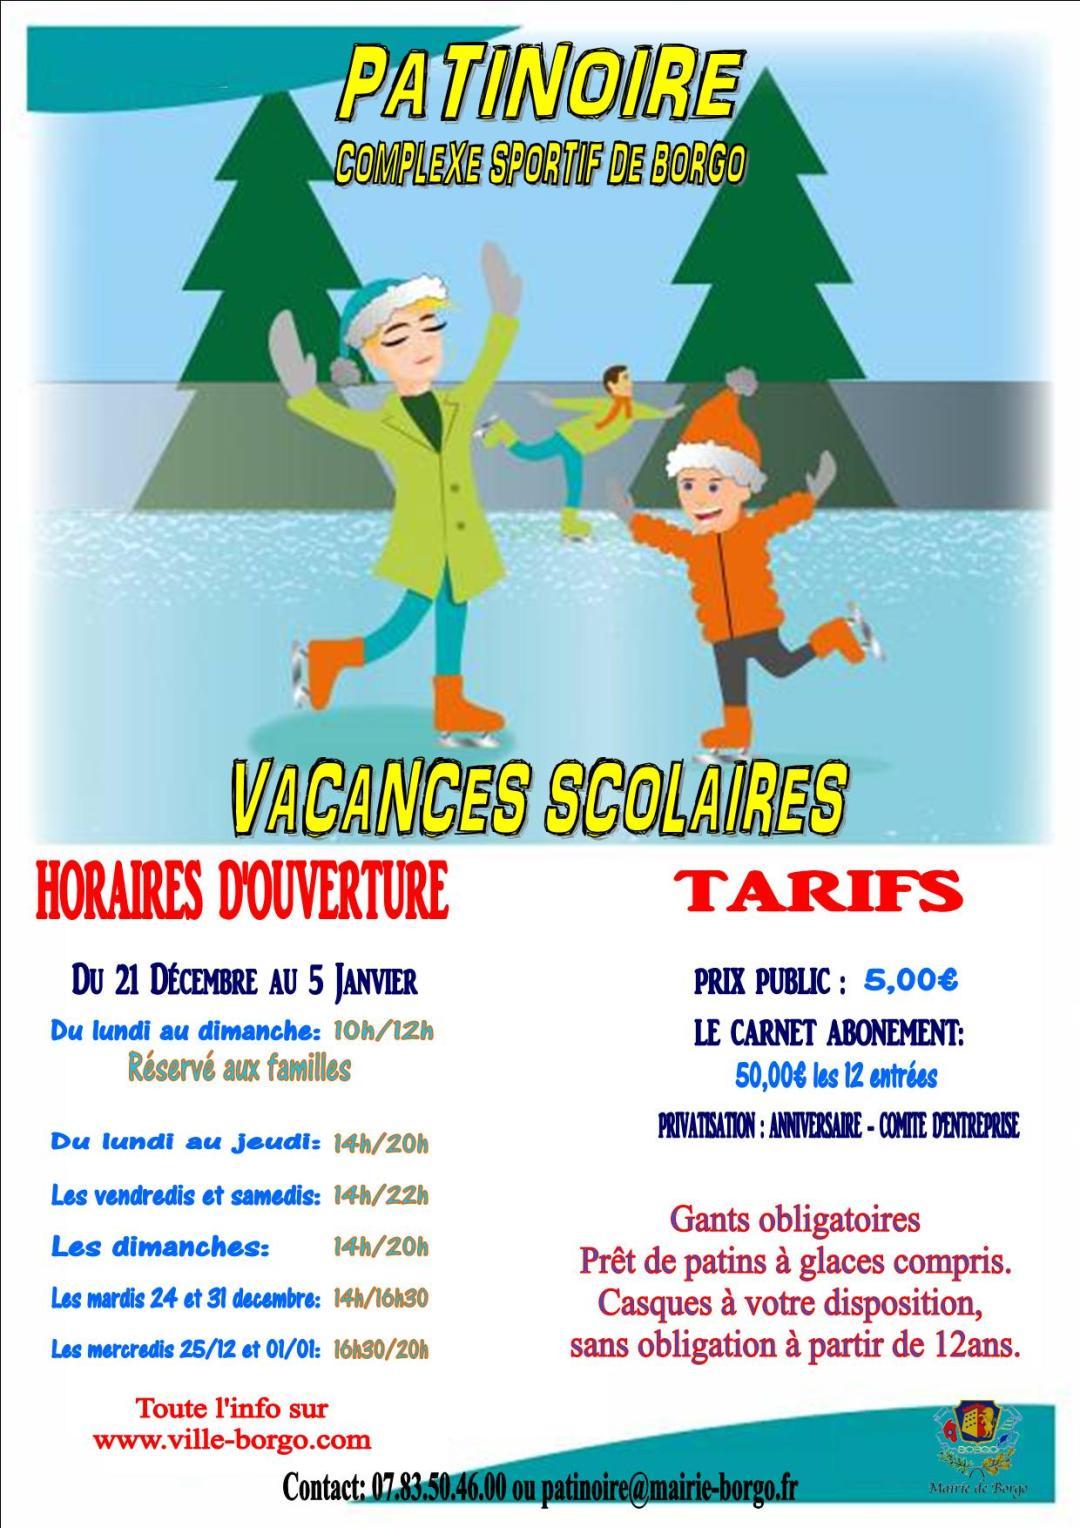 Marché de Noël 2019, Infos patinoire, Ville de Borgo